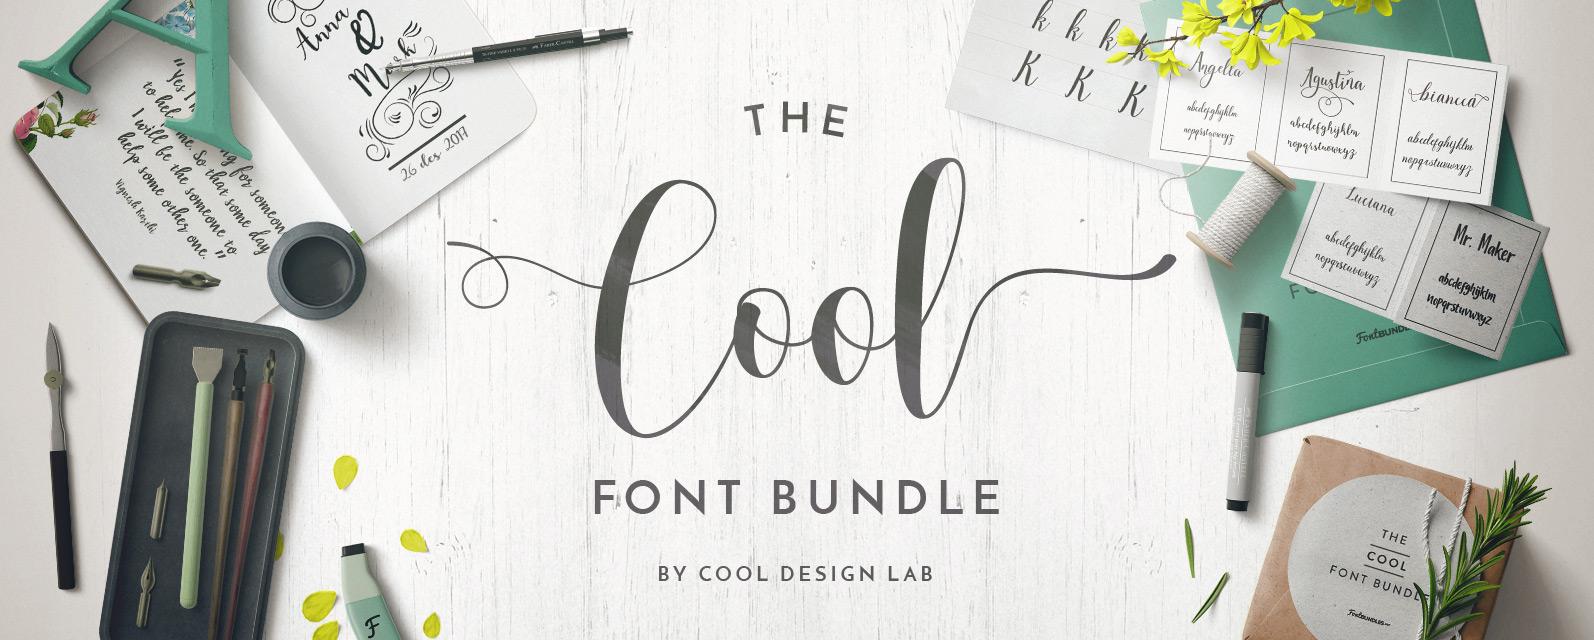 Cool Font Bundle Cover